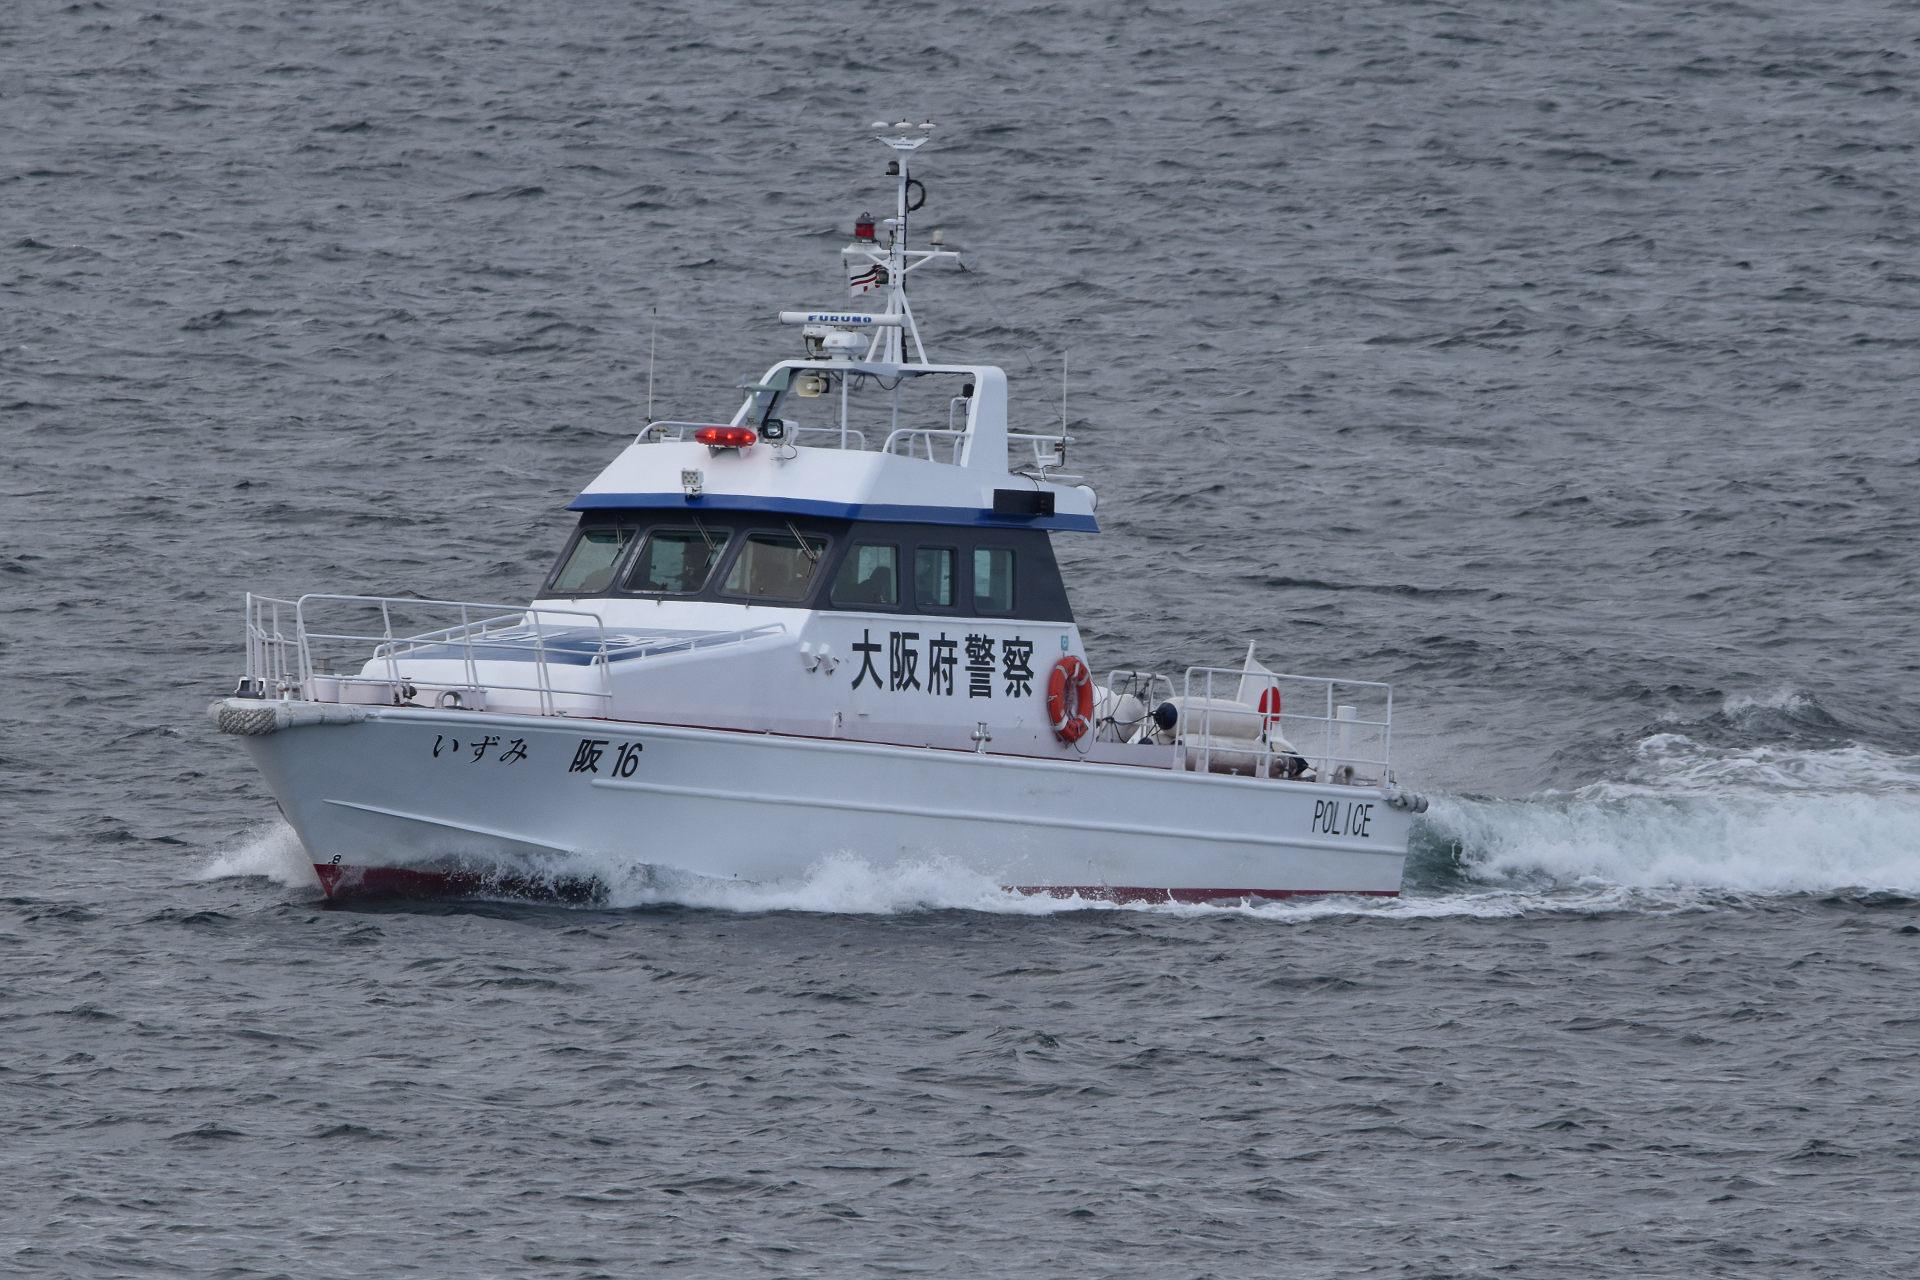 大阪府警察 警備艇 いずみ